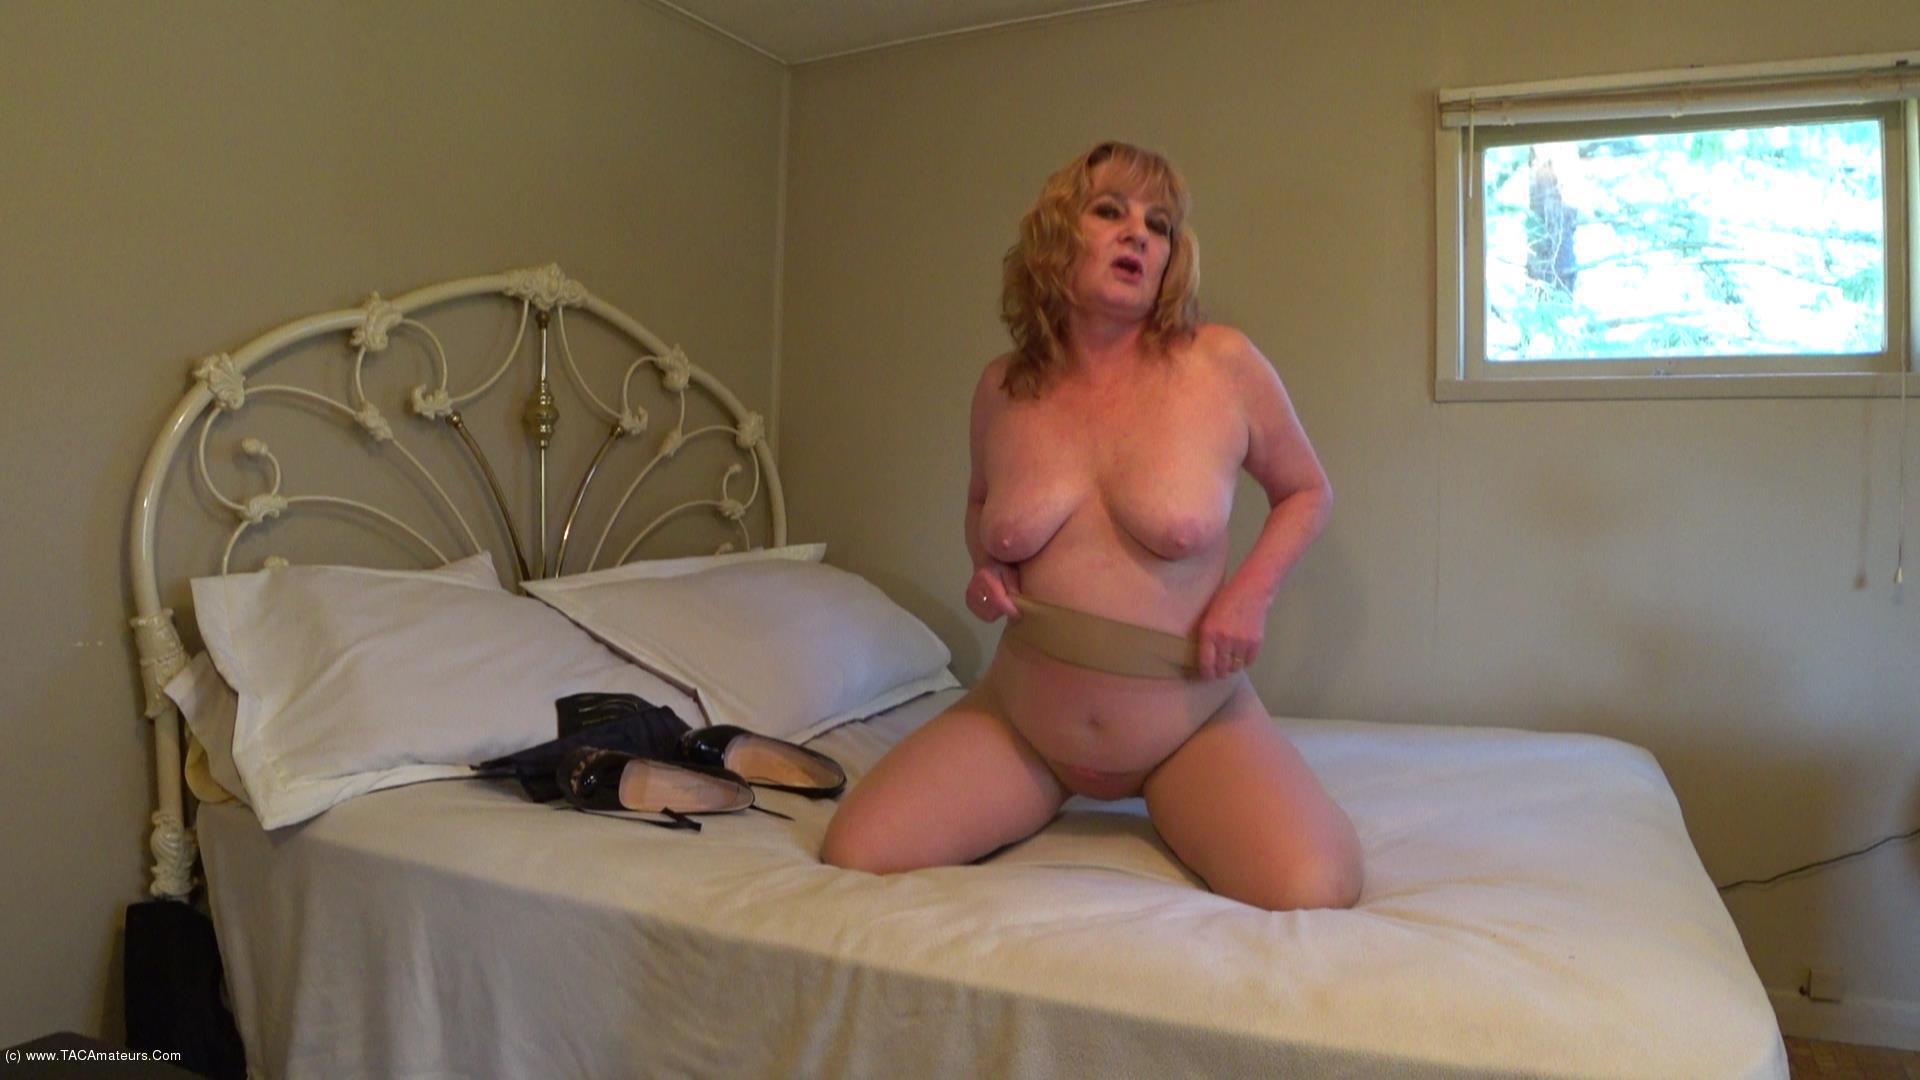 CougarBabeJolee - Pantyhose, Panties & Pee scene 2